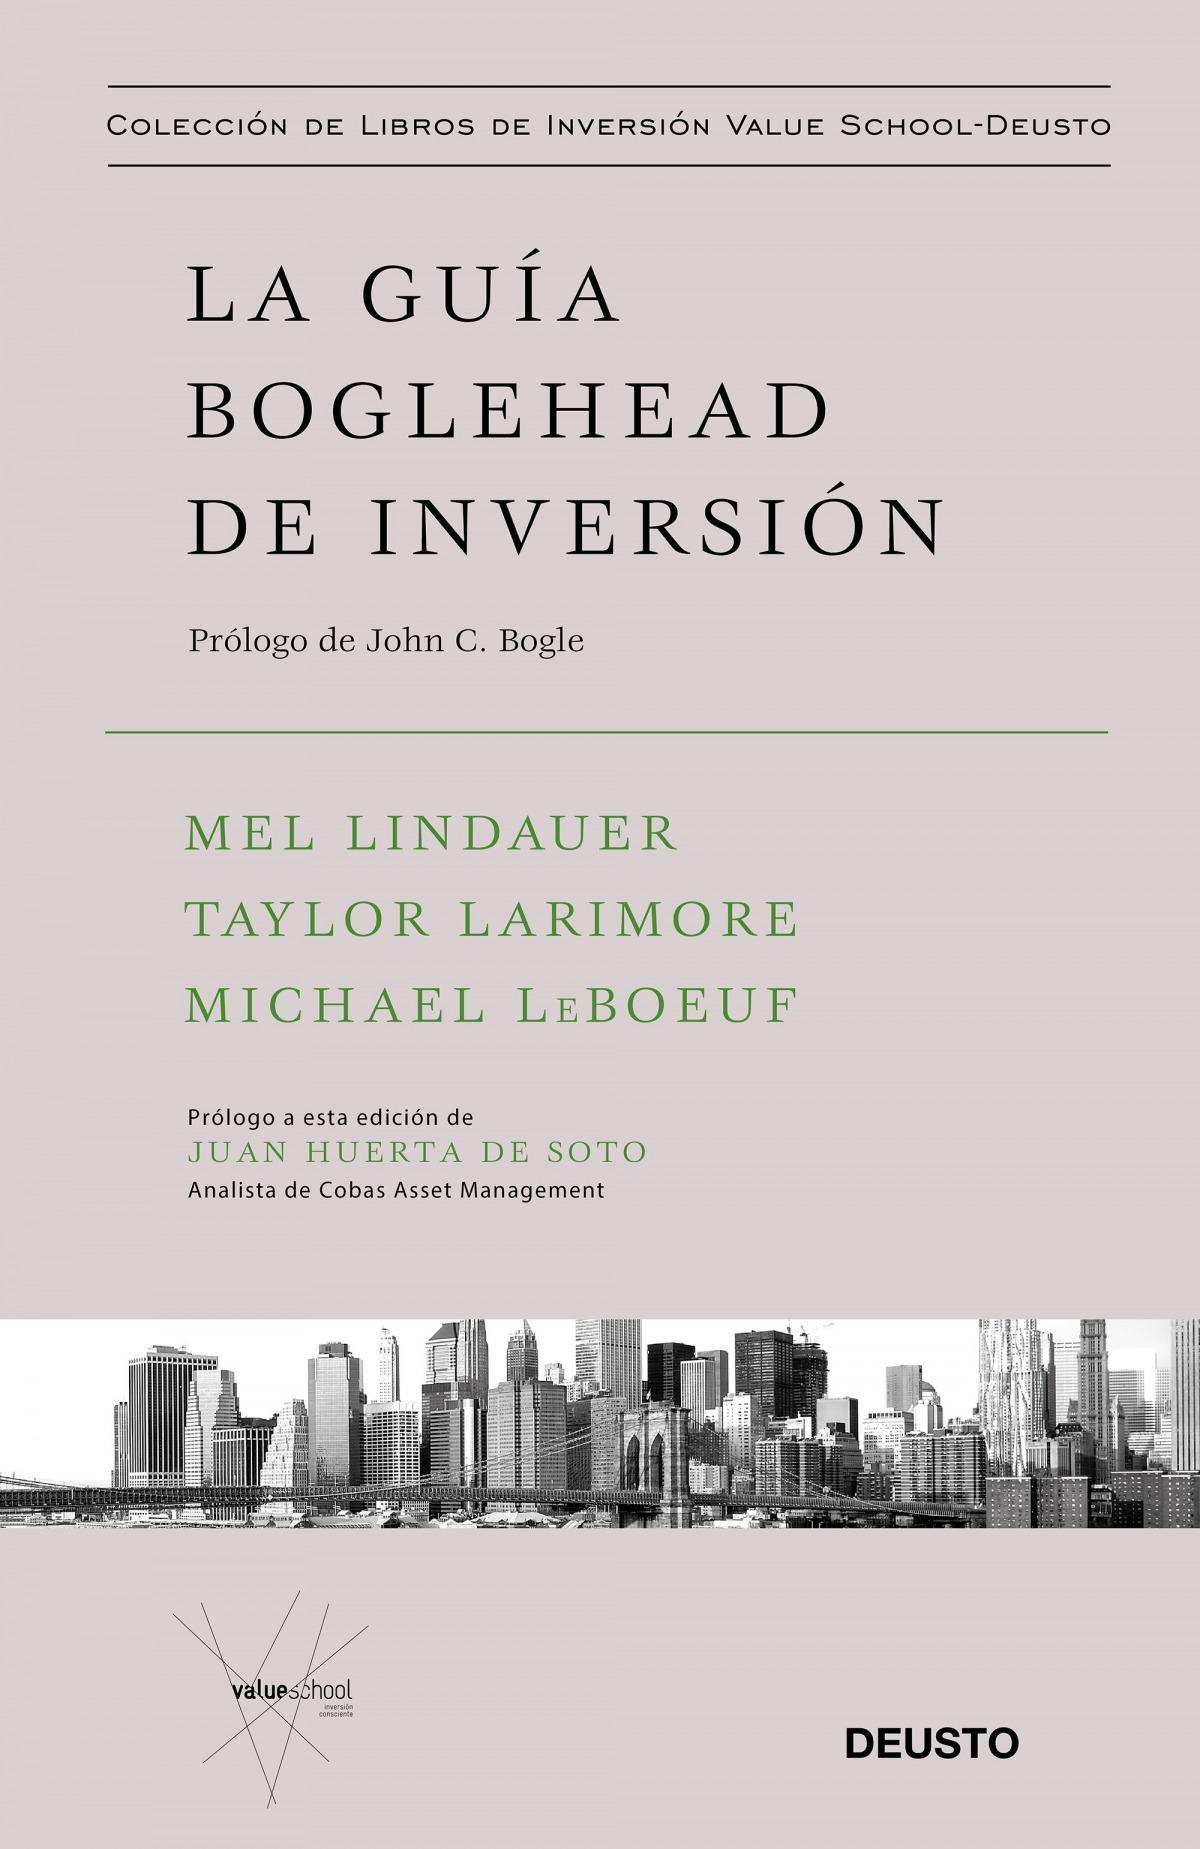 La gu¡a Boglehead de inversión